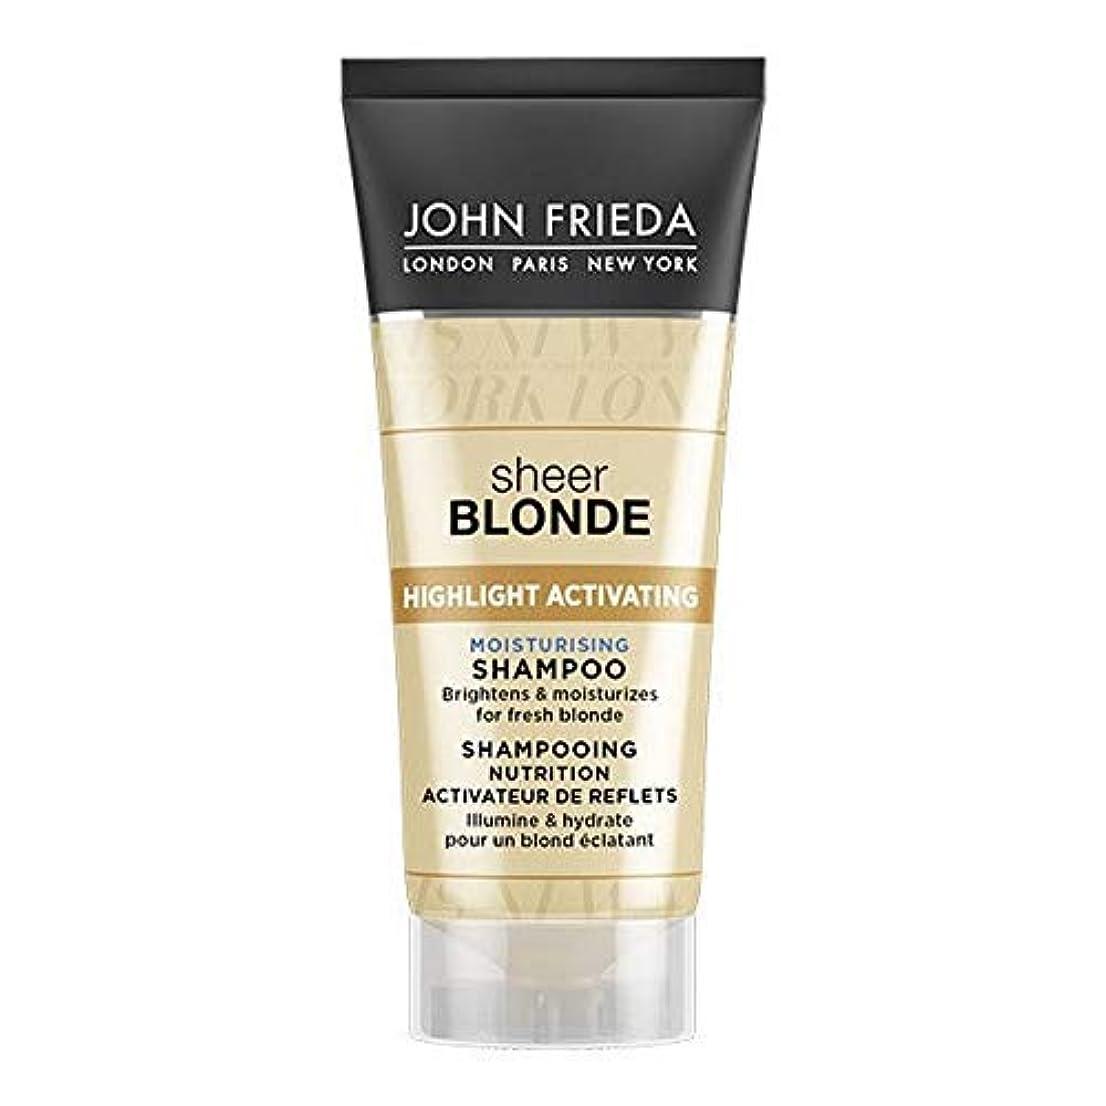 手当アイスクリーム解釈的[John Frieda ] ジョン?フリーダ膨大なブロンドハイライト/行為シャンプープラチナ50ミリリットル - John Frieda Sheer Blonde Highlight/Act Shampoo Platinum 50ml [並行輸入品]